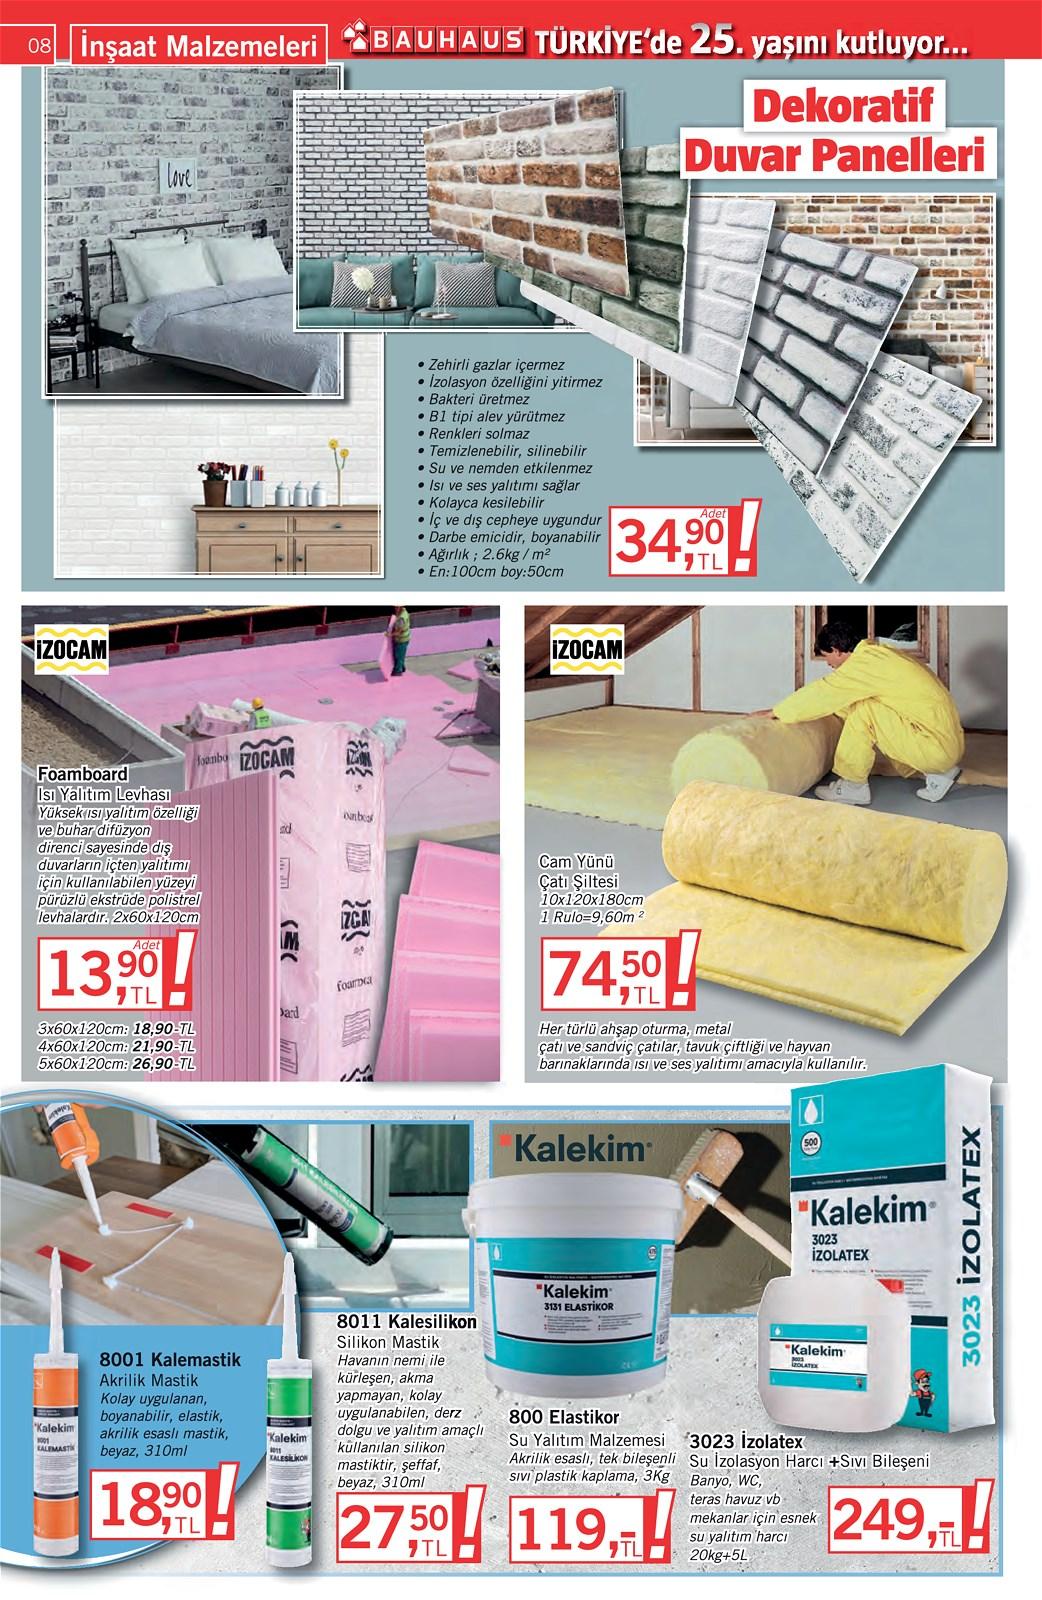 25.09.2021 Bauhaus broşürü 8. sayfa